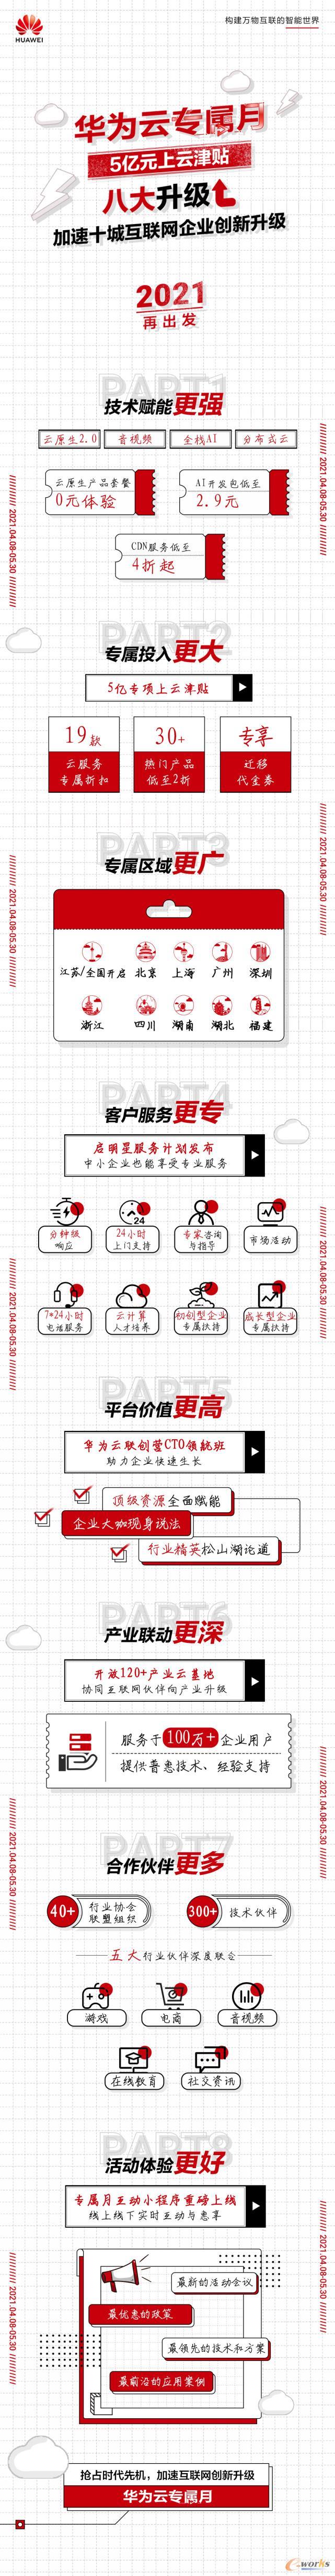 https://www.e-works.net.cn/News/articleimage/20214/132636184523691322_new.jpg